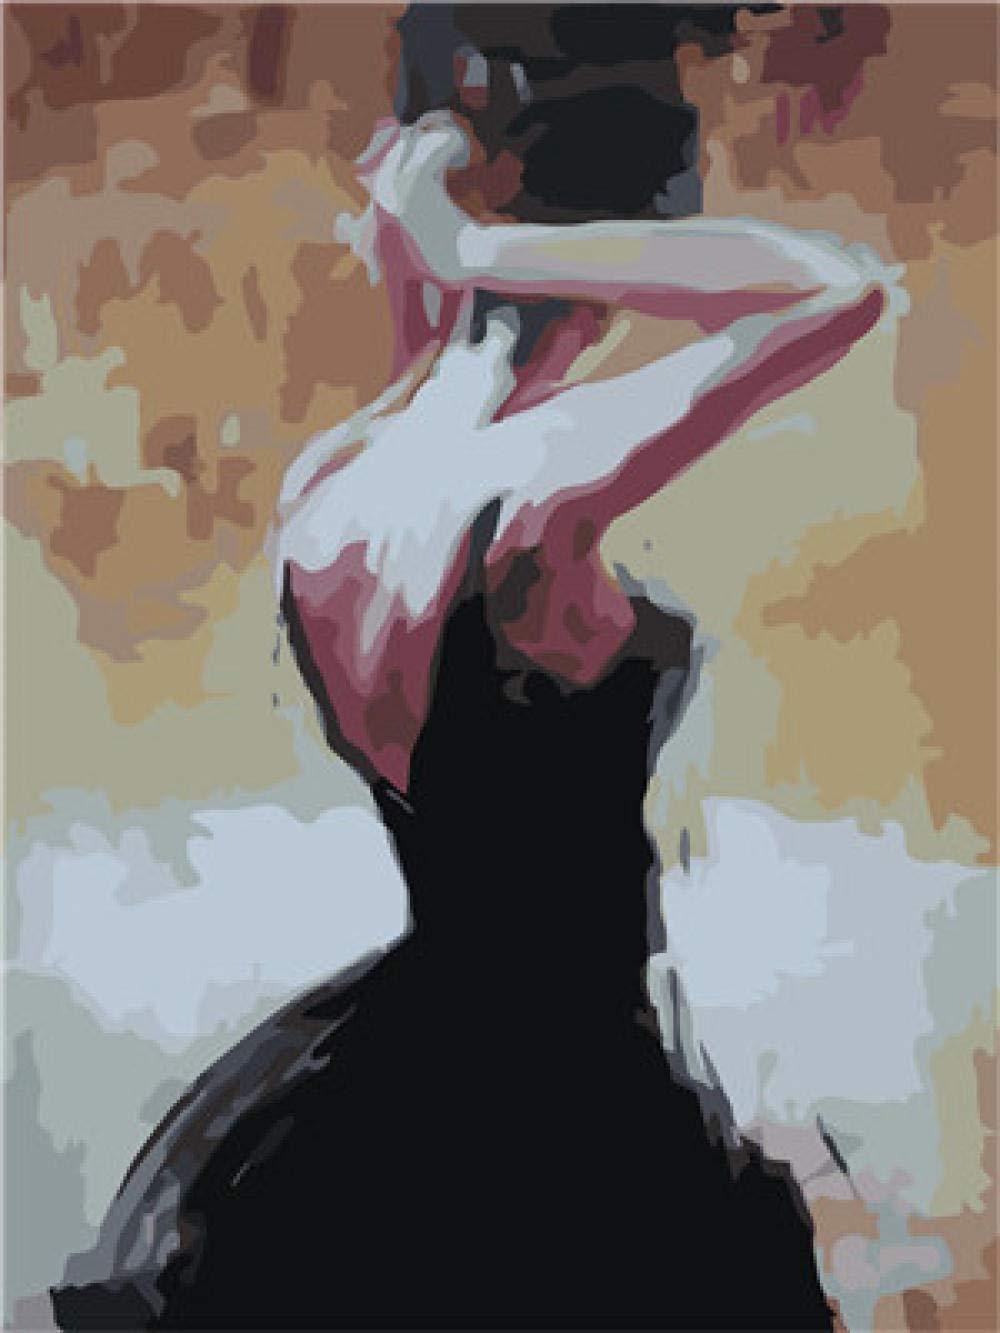 DIY Pintura al óleo Kit Pintura por números para Adultos con Pinceles y  Pinturas para Niños Seniors (16 x 20 Pulgadas, Sin Marco) - Falda Negra  Mujer: Amazon.com.mx: Juegos y juguetes